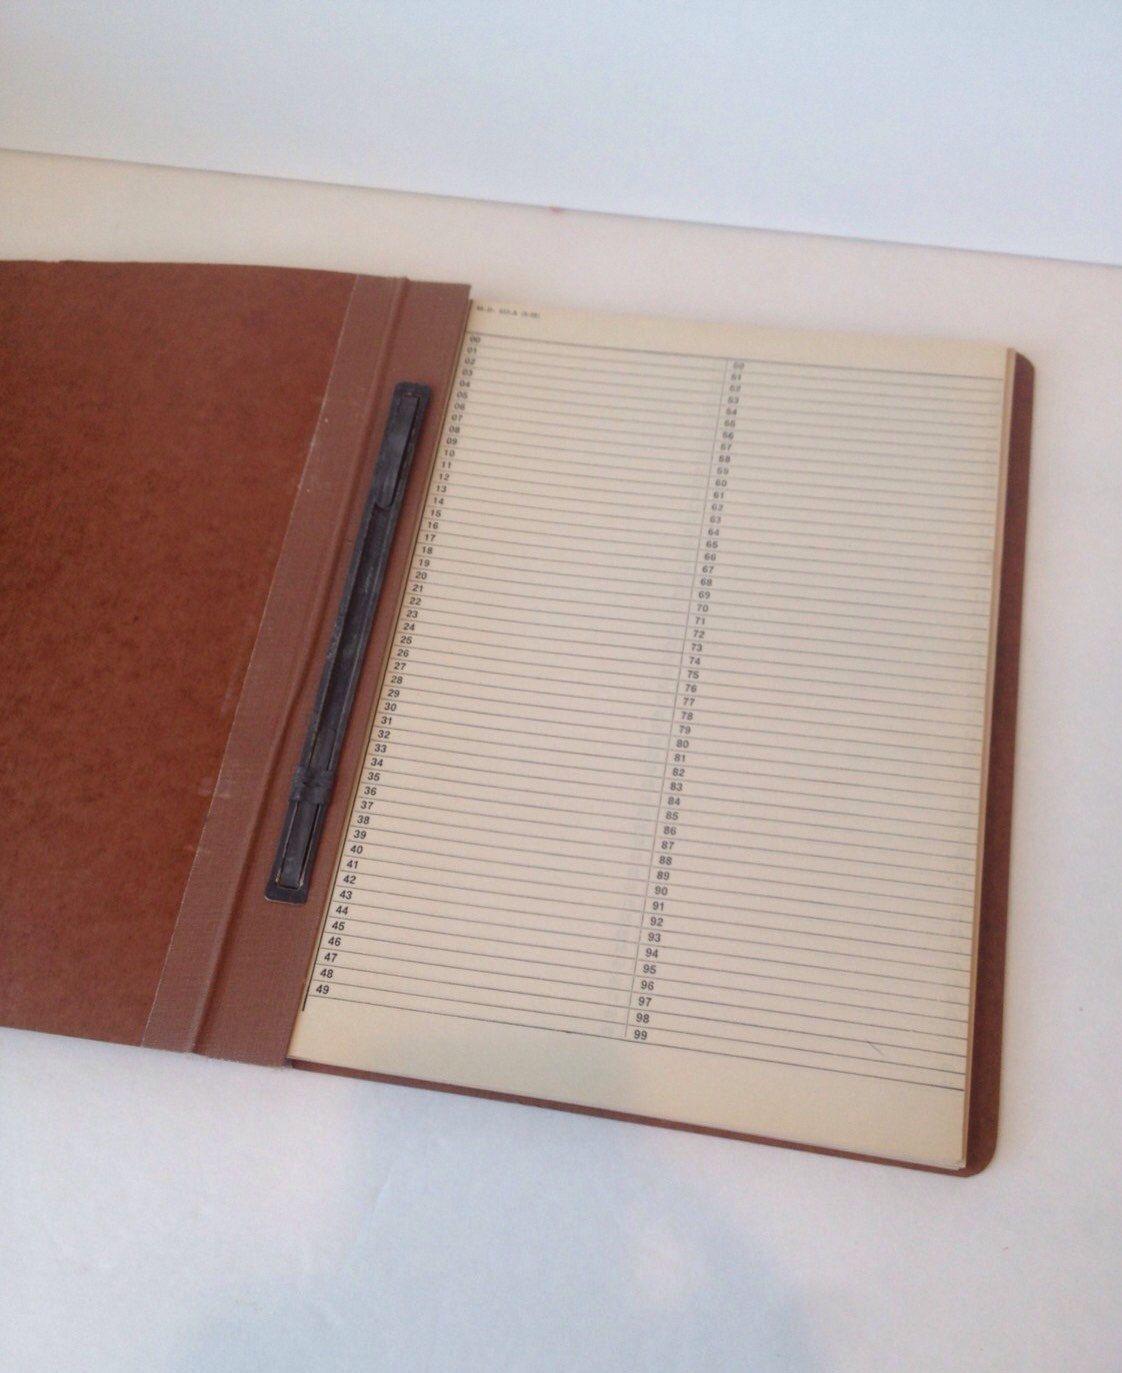 Vintage Notebook Ledger 1960s Smash Book Scrap Art Journal Old ...